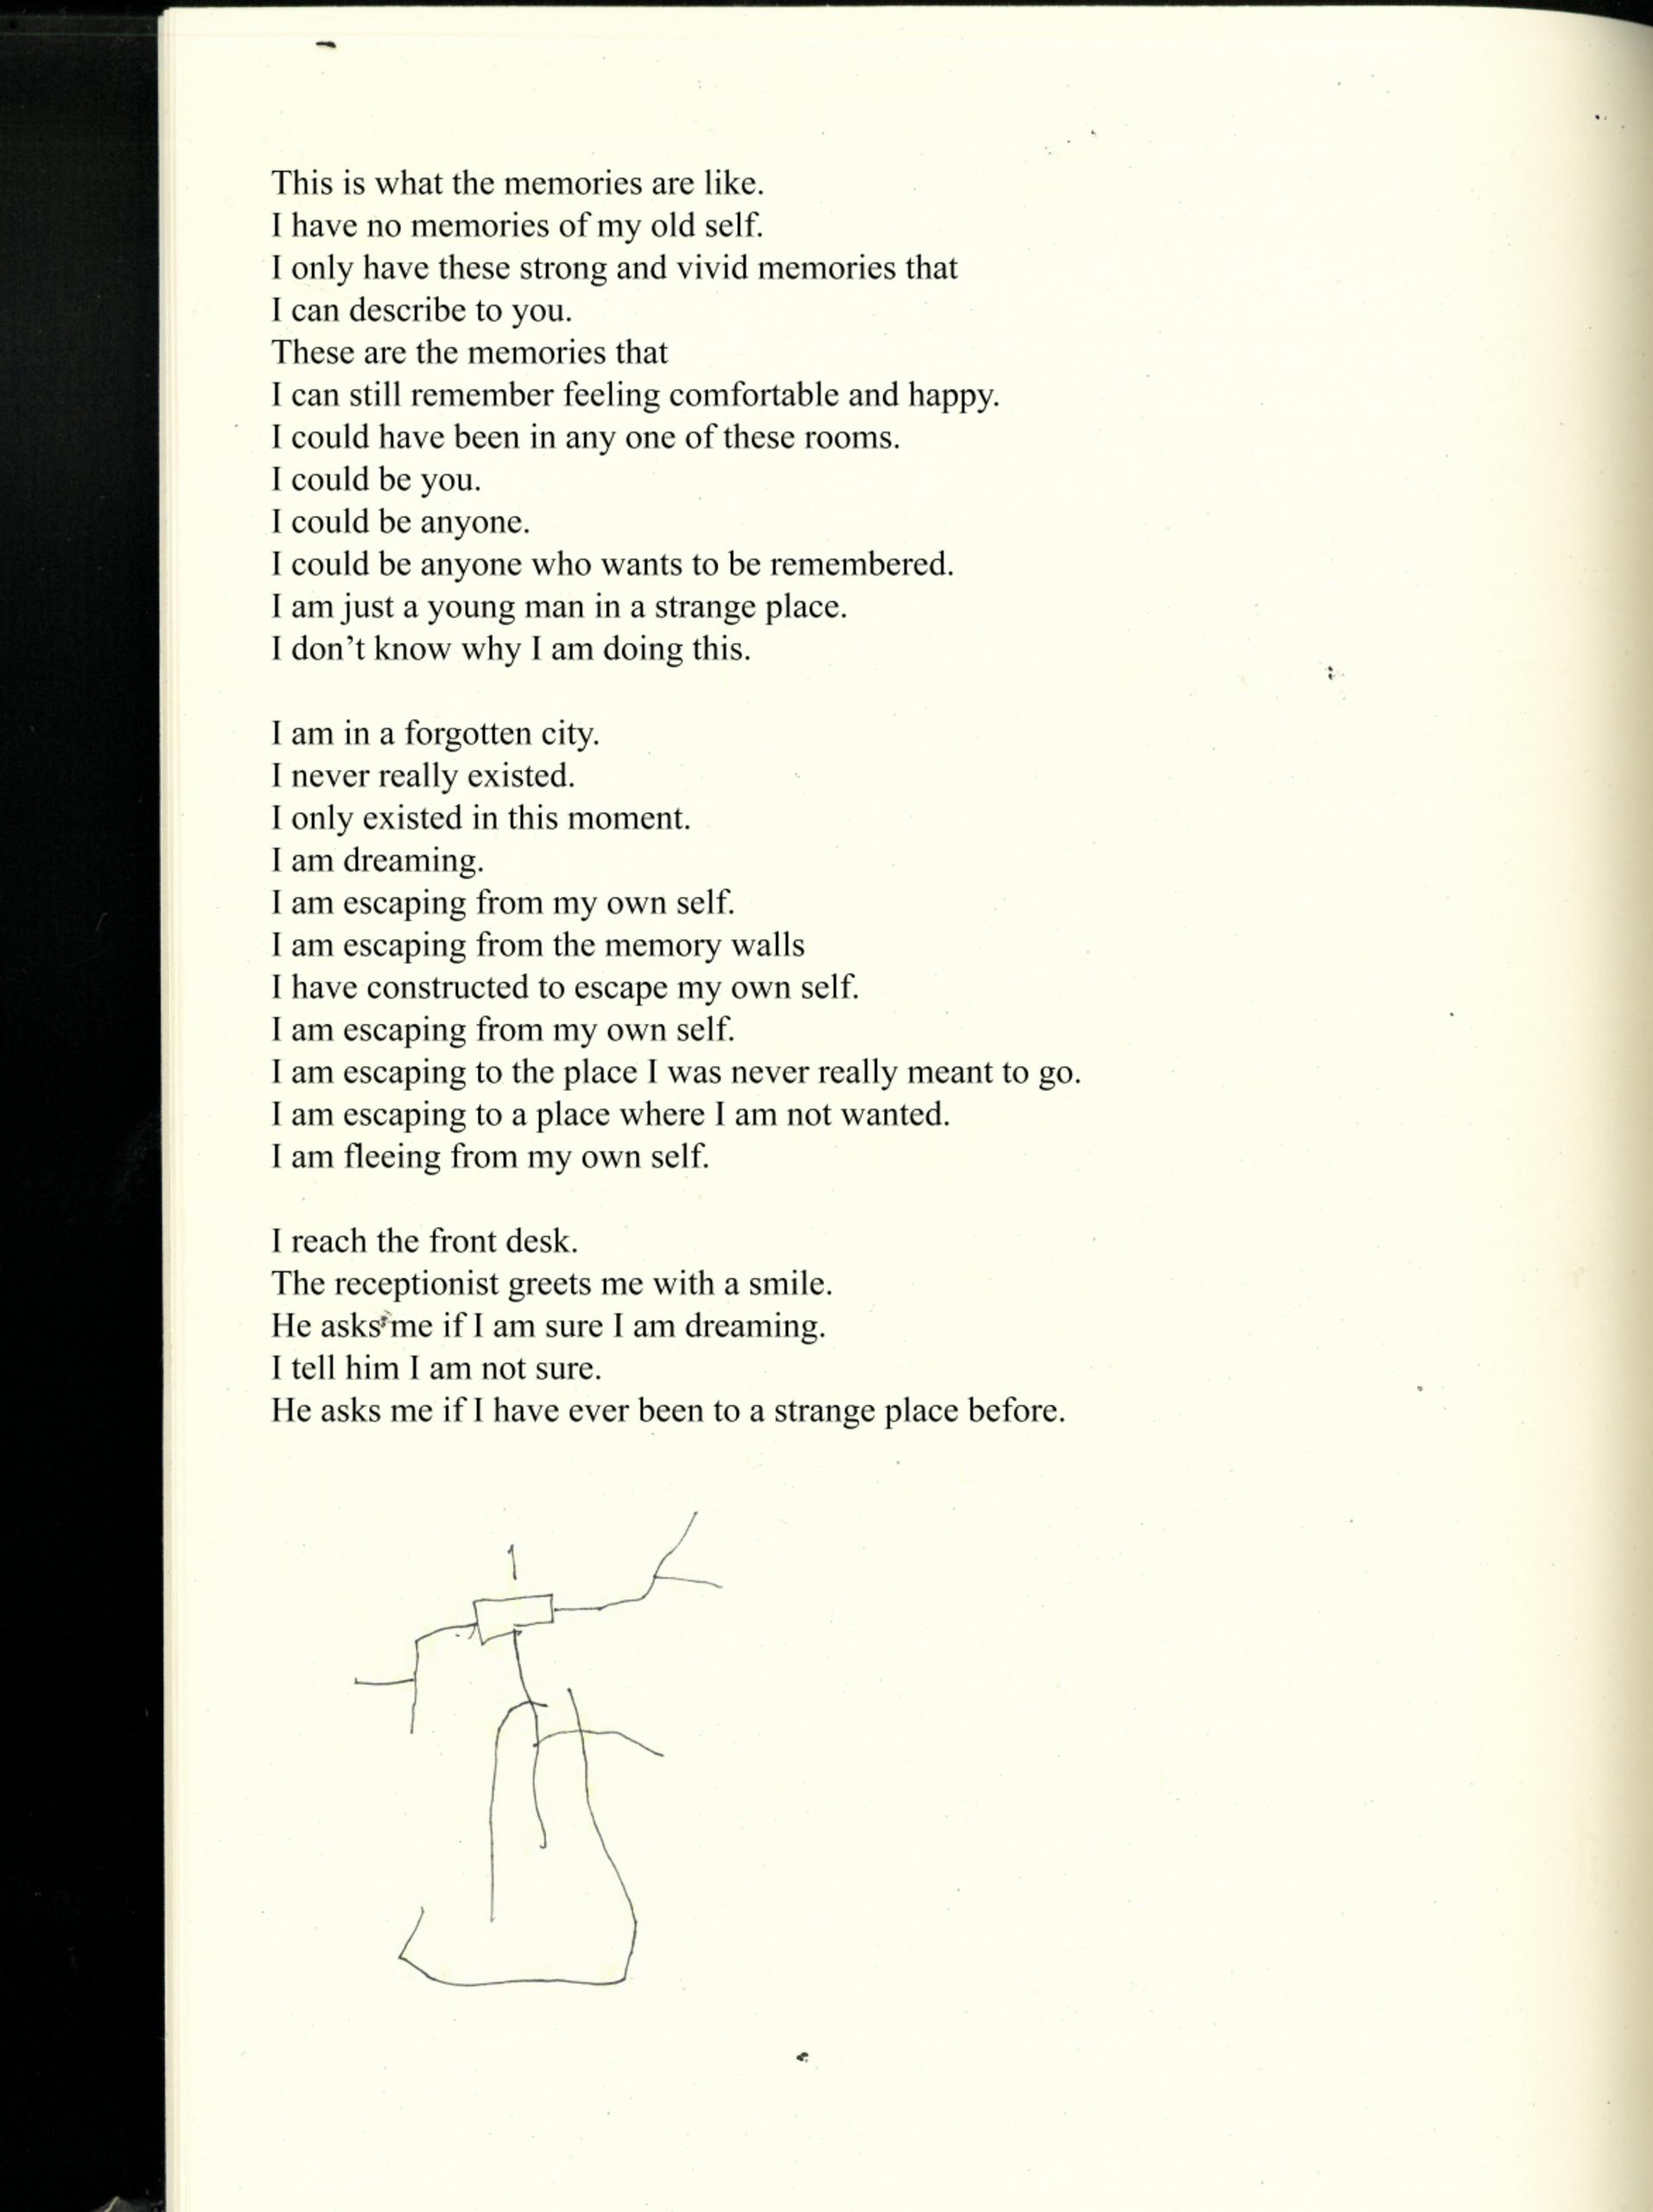 Script for Poem 2